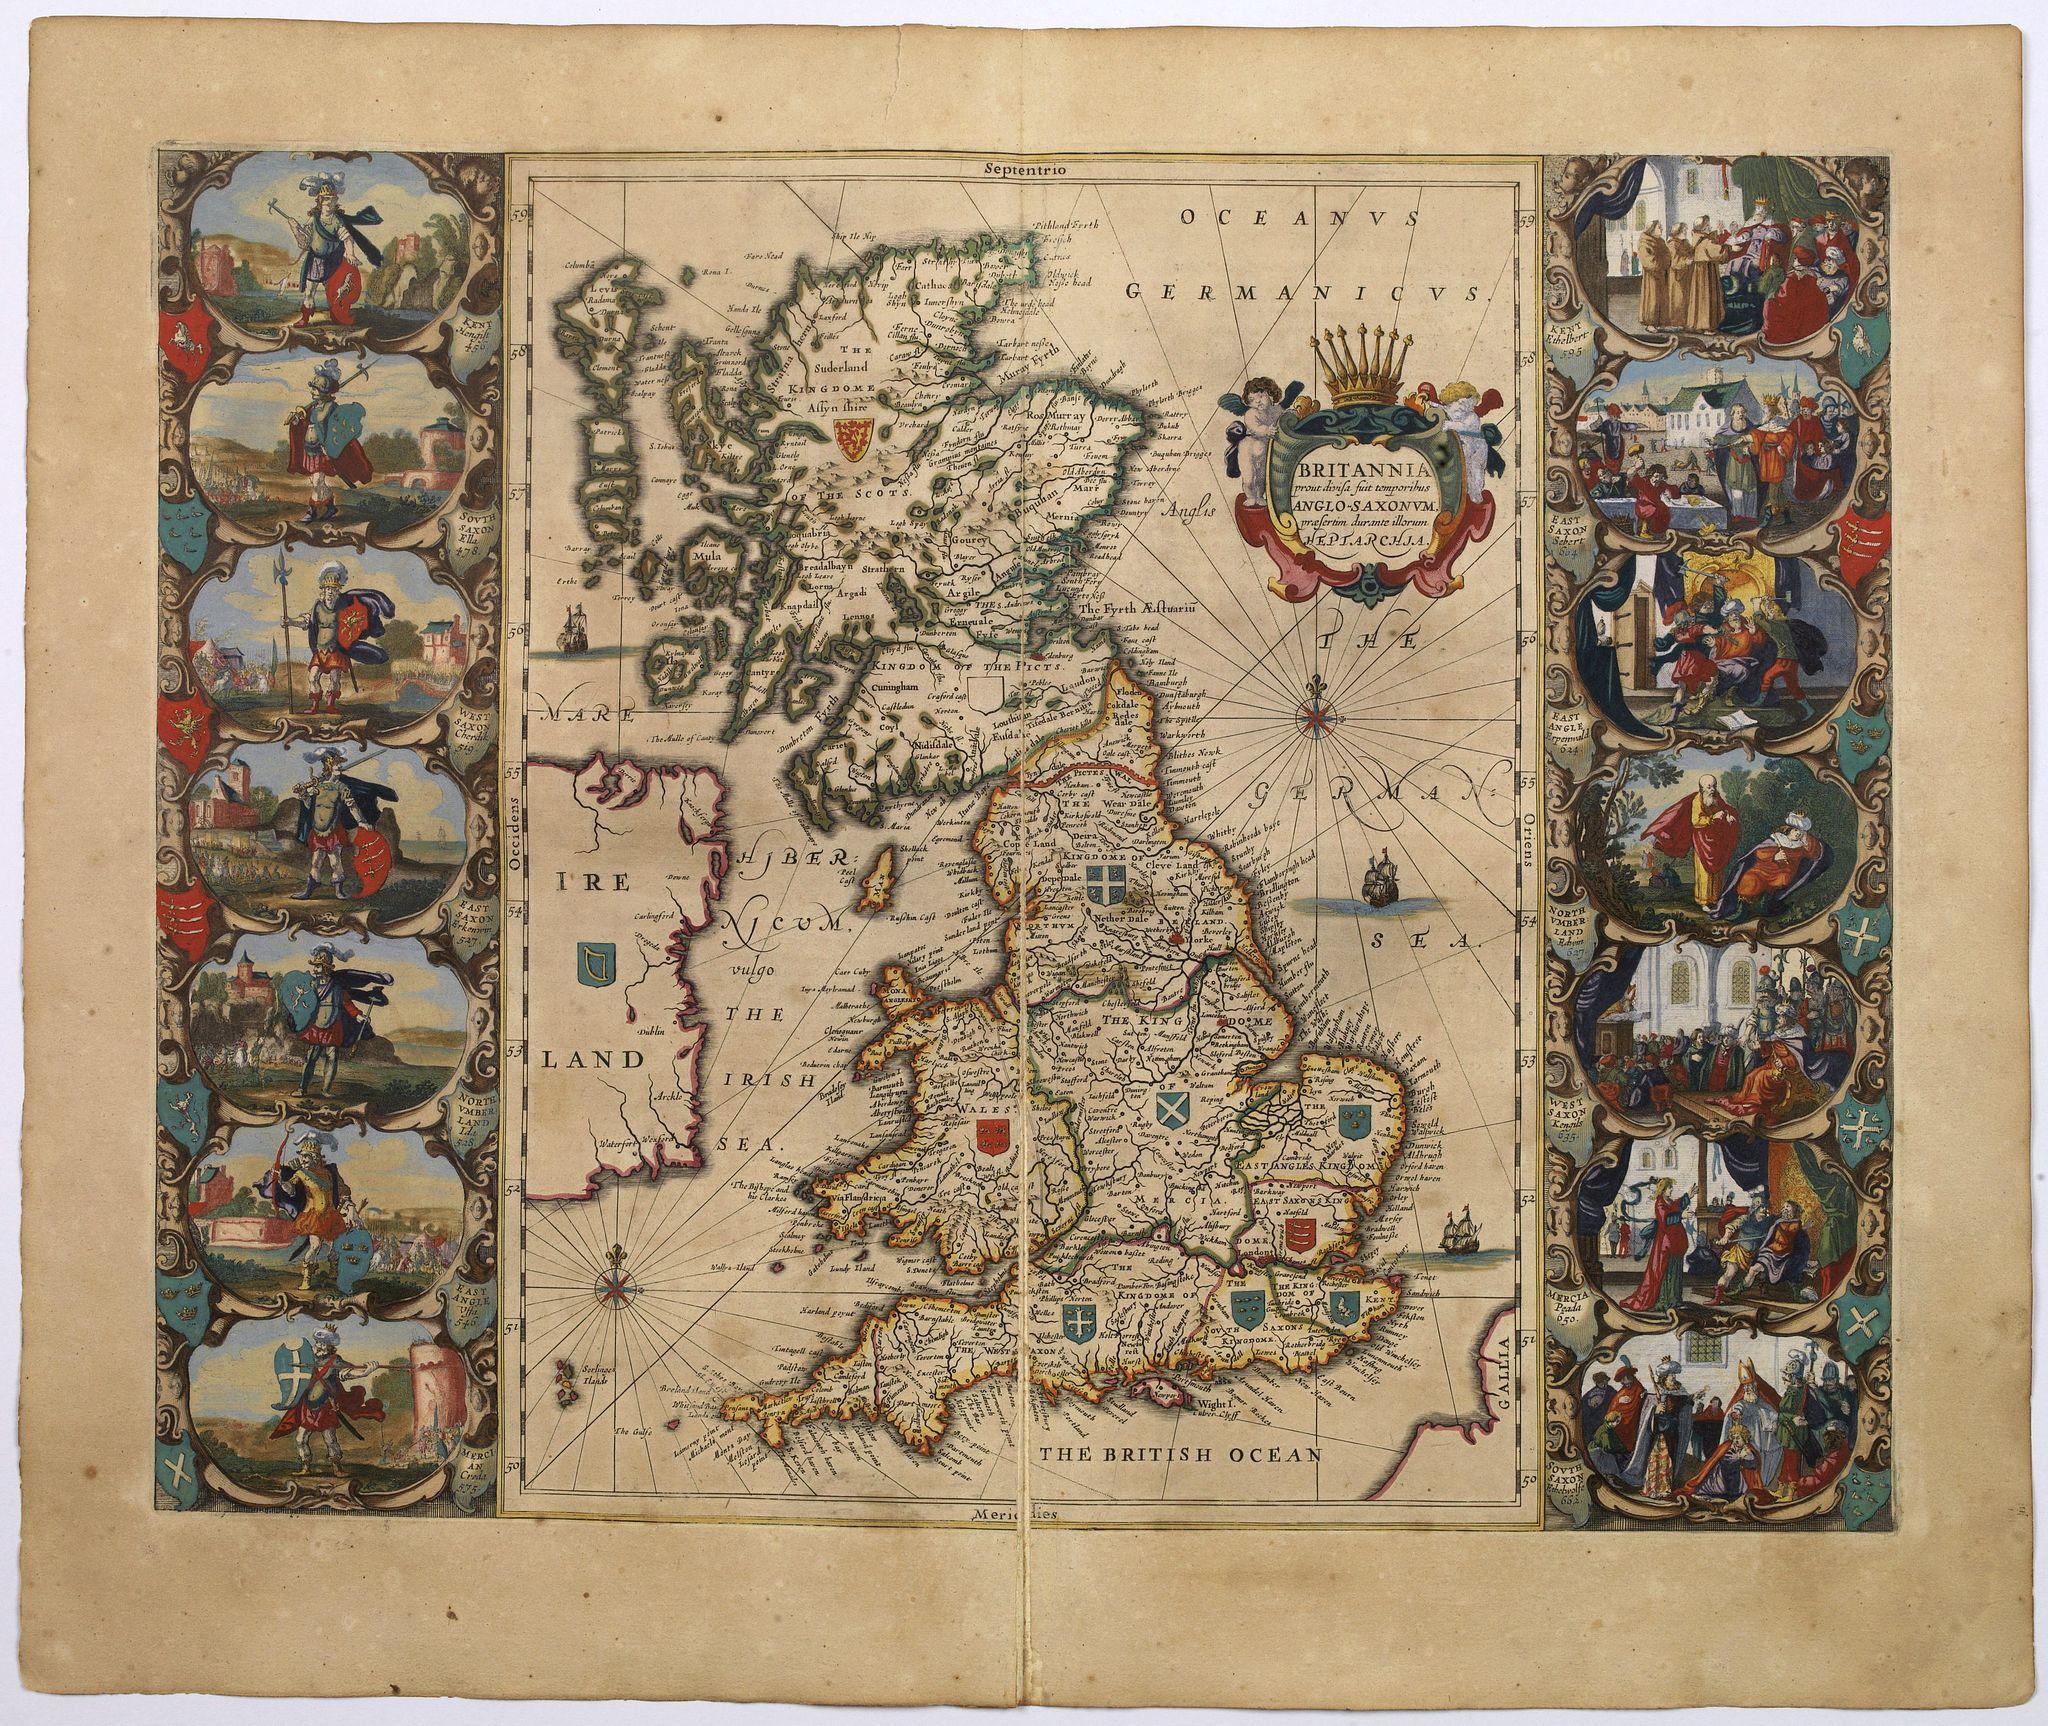 JANSSONIUS, J. - Britannia prout divisa suit temporibus Anglo-Saxonum, praesertim durante illorum Heptarchia.